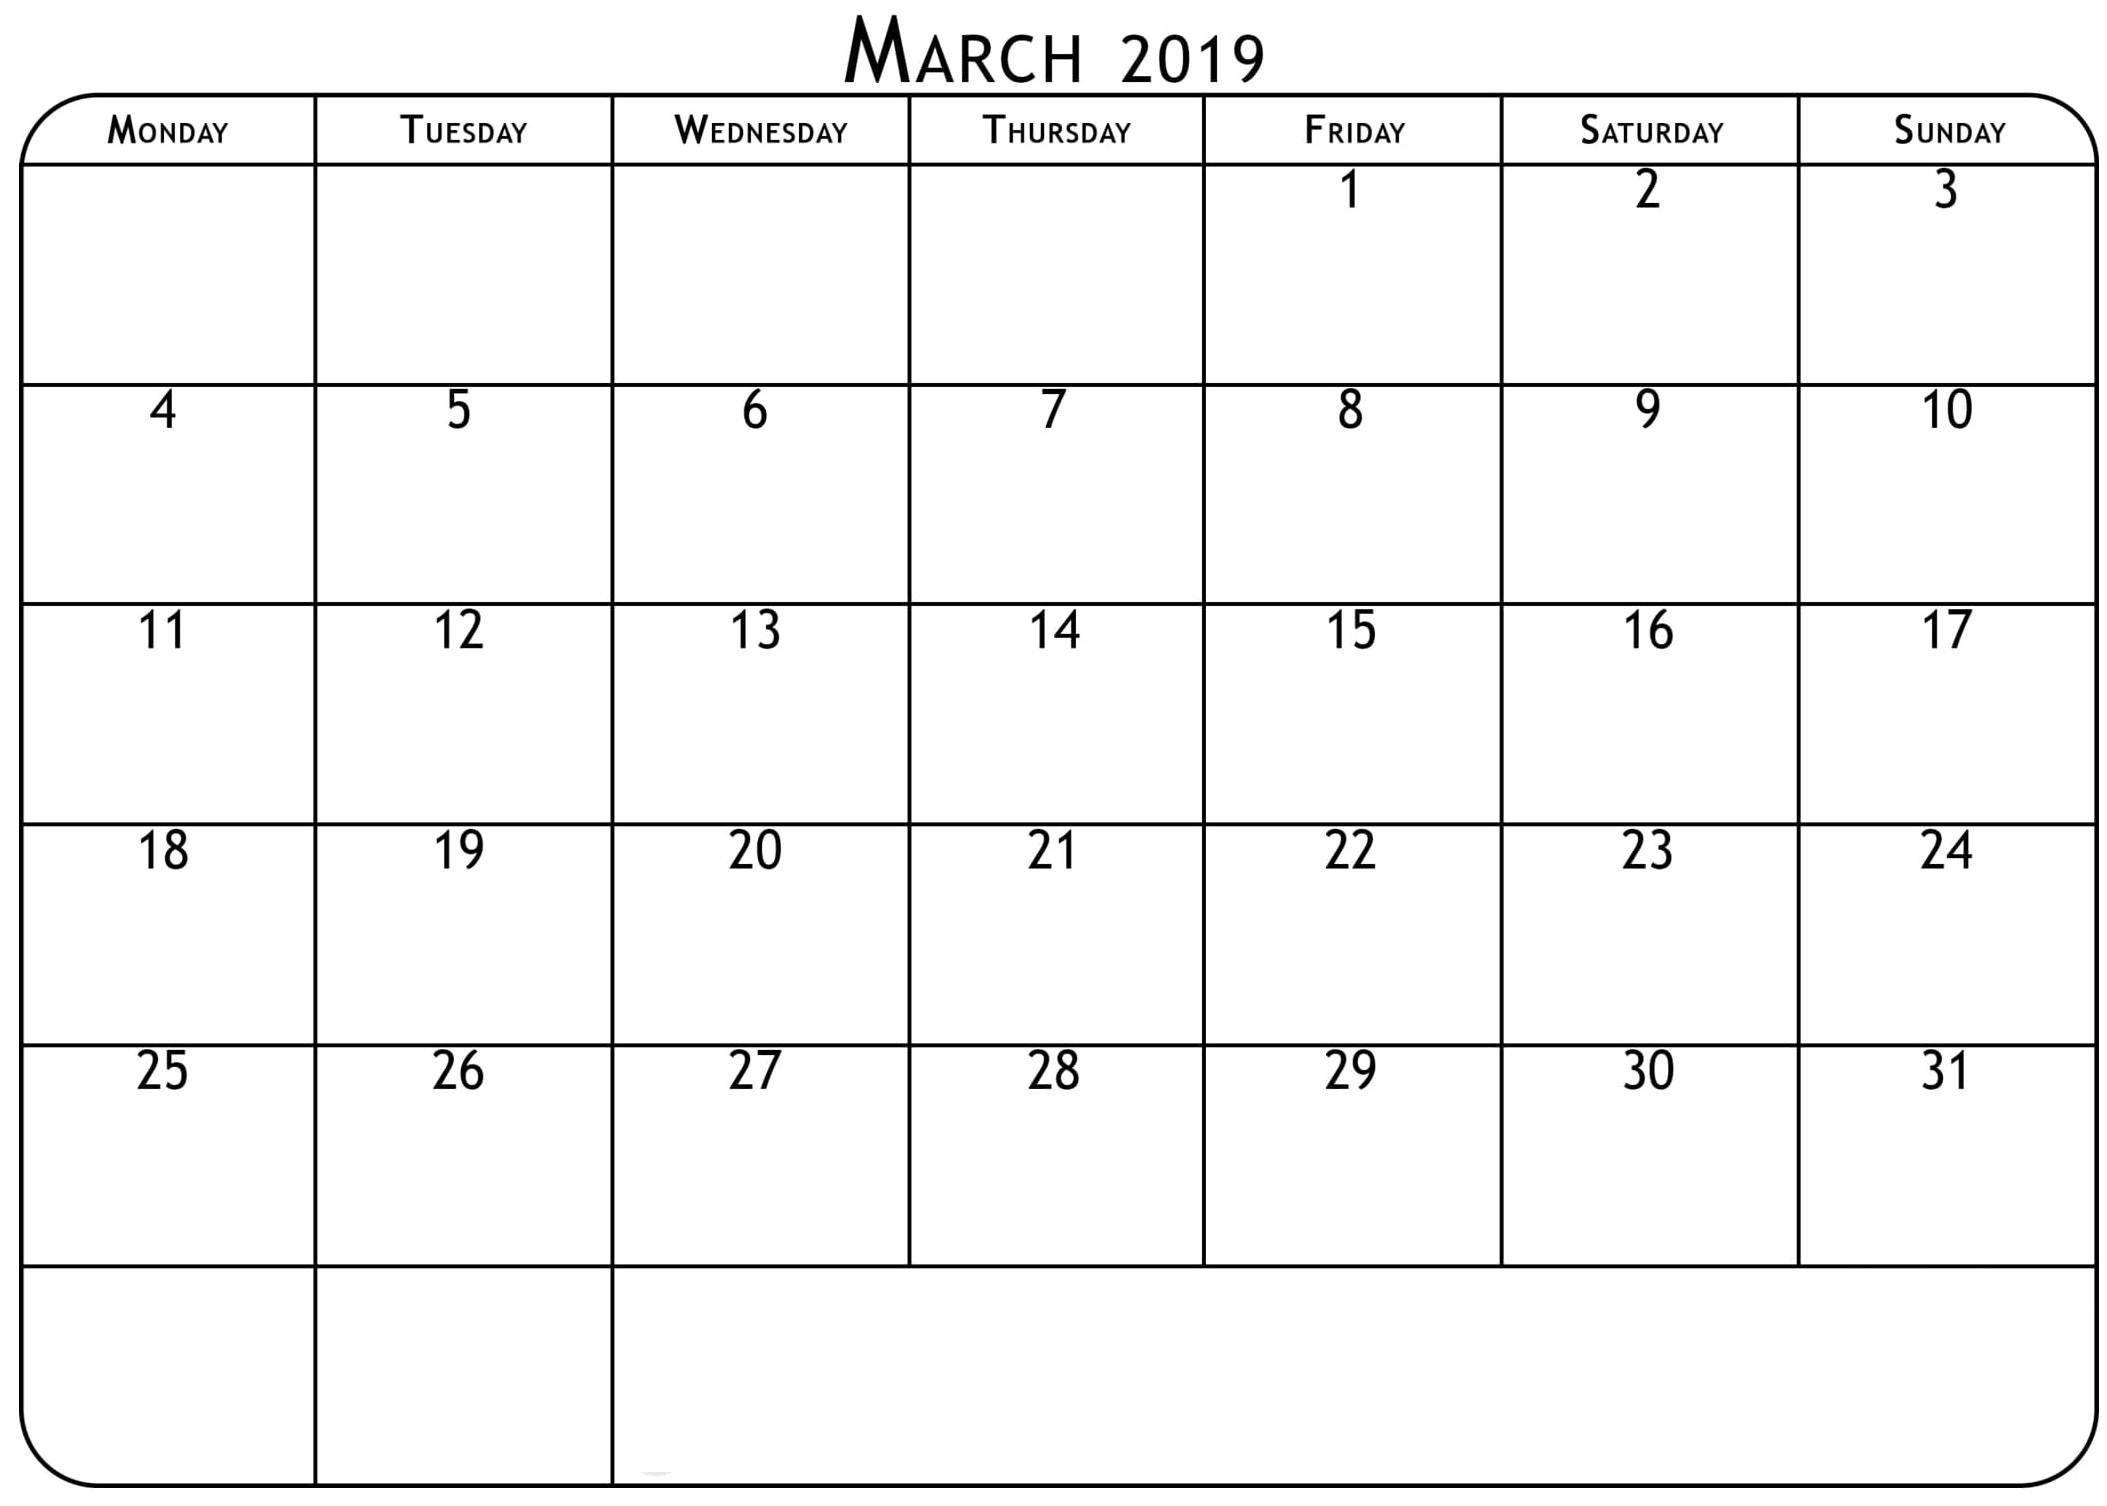 March 2019 Waterproof Calendar | 2019 Calendars | Calendar 2019 Calendar 2019 Waterproof